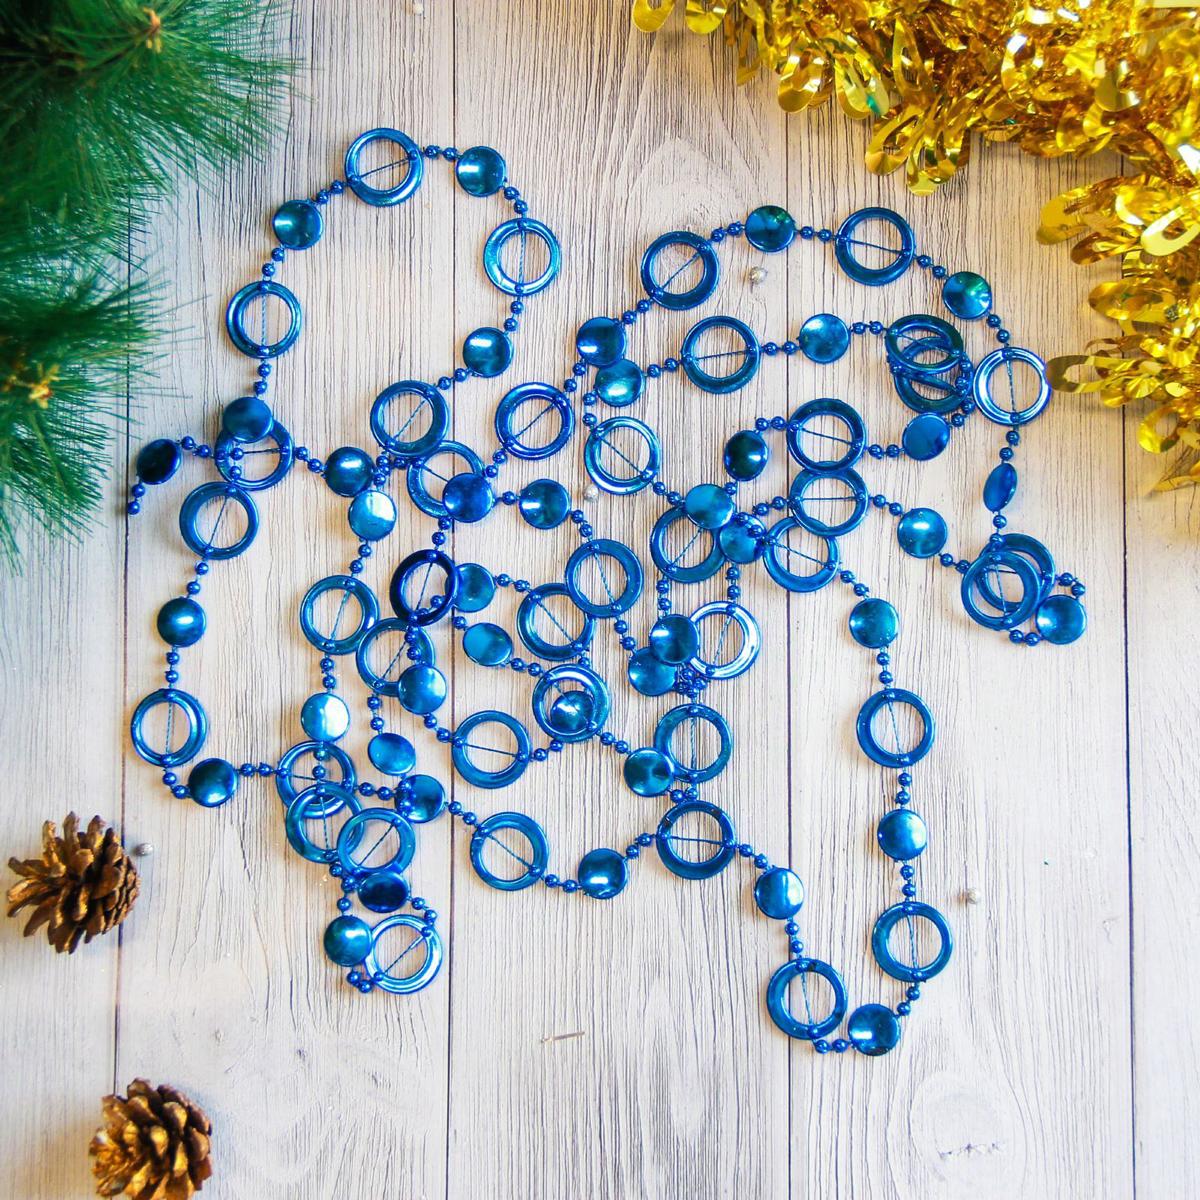 Бусы на елку Кольца, цвет: синий, диаметр 1 см, длина 2,7 м2371394Невозможно представить нашу жизнь без праздников! Мы всегда ждем их и предвкушаем, обдумываем, как проведем памятный день, тщательно выбираем подарки и аксессуары, ведь именно они создают и поддерживают торжественный настрой. Это отличный выбор, который привнесет атмосферу праздника в ваш дом!